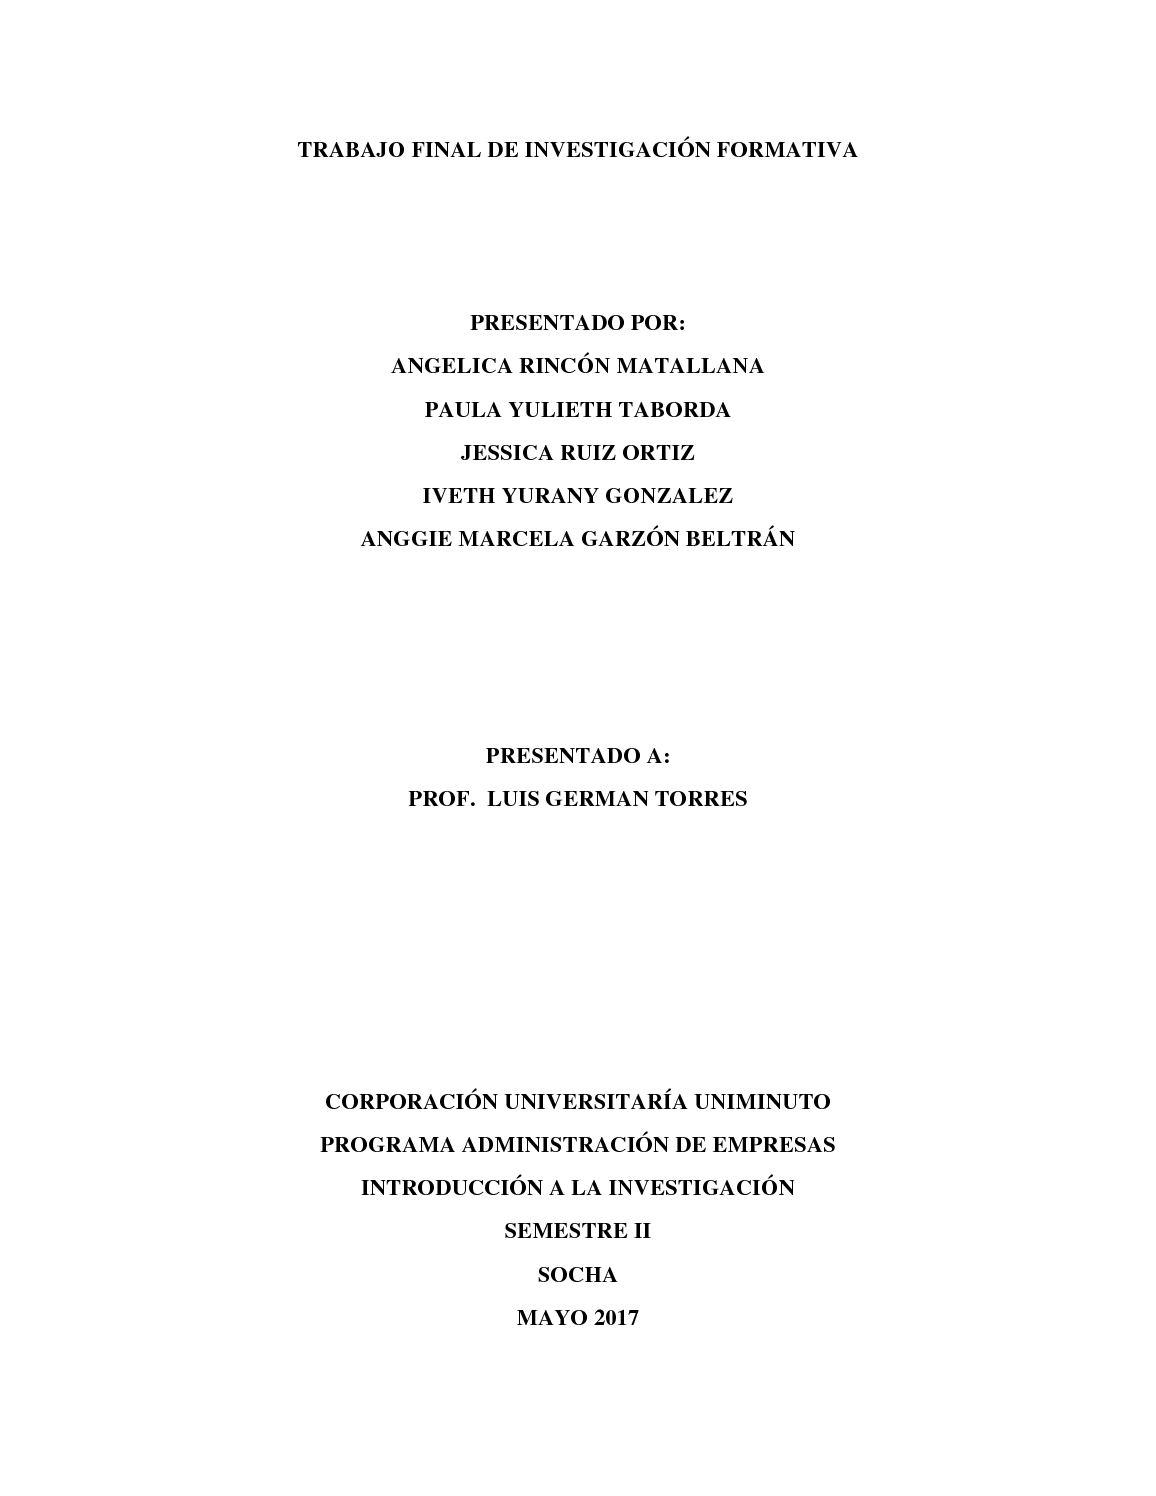 Trabajo Final De Investigación Formativa (1)